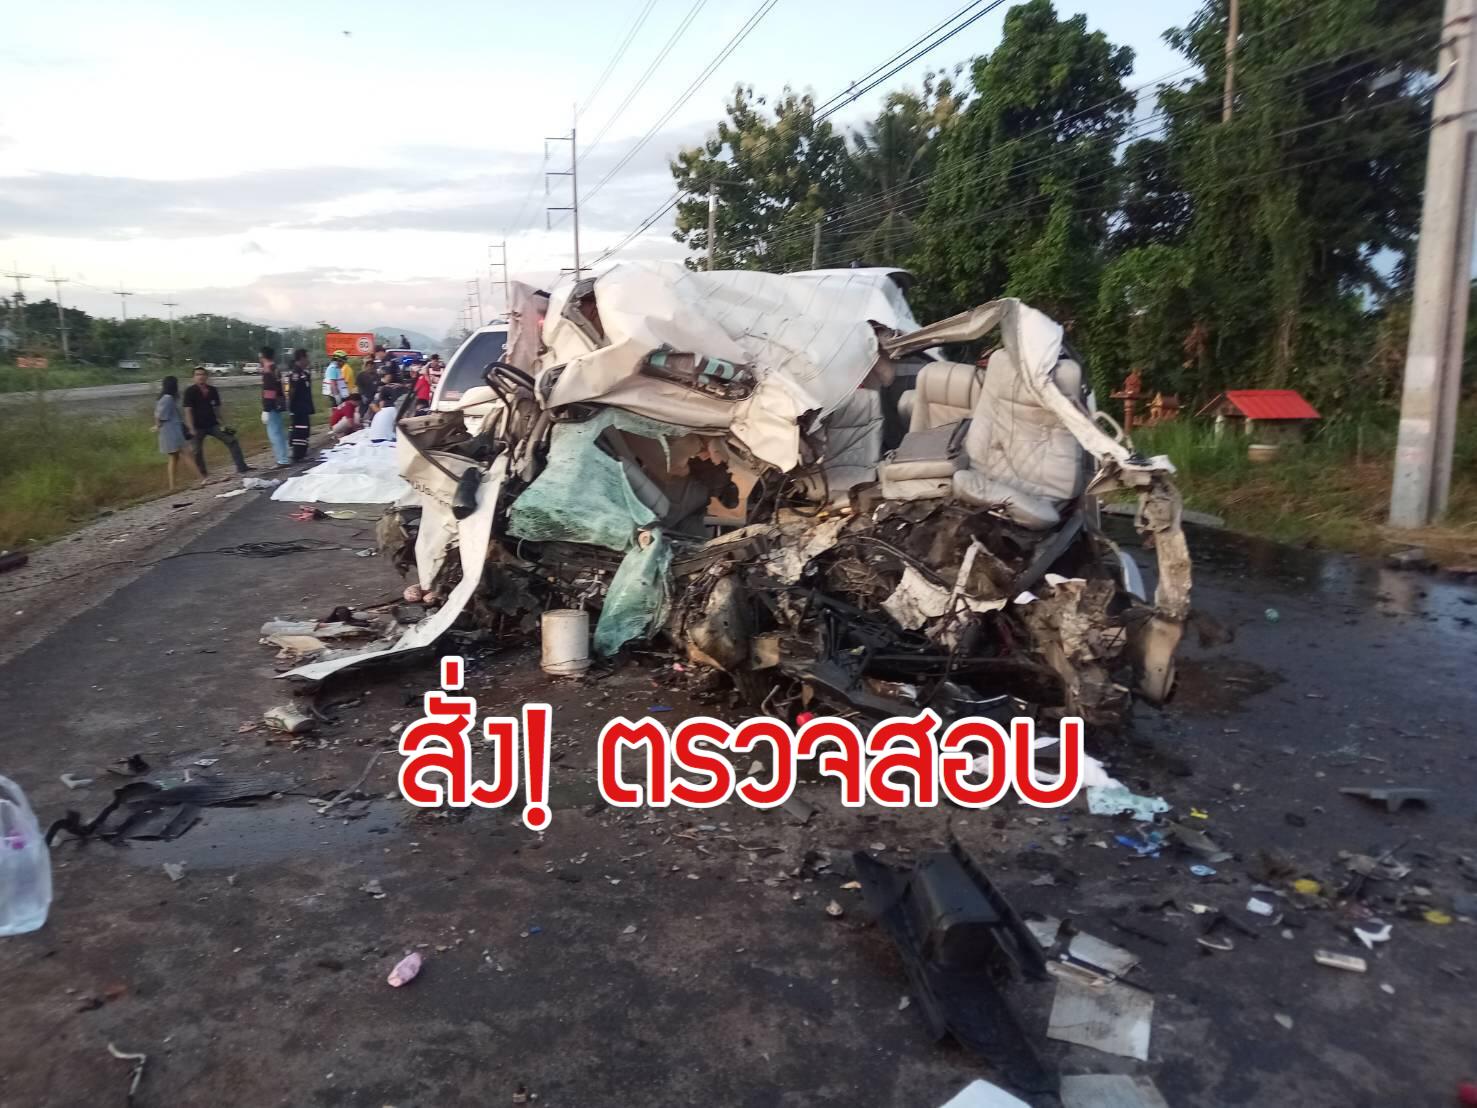 'ศักดิ์สยาม' มอบขนส่งฯ ตรวจสอบอุบัติเหตุรถตู้ชนรถบรรทุก สั่งคุมเข้มความปลอดภัย-บังคับใช้ กม.